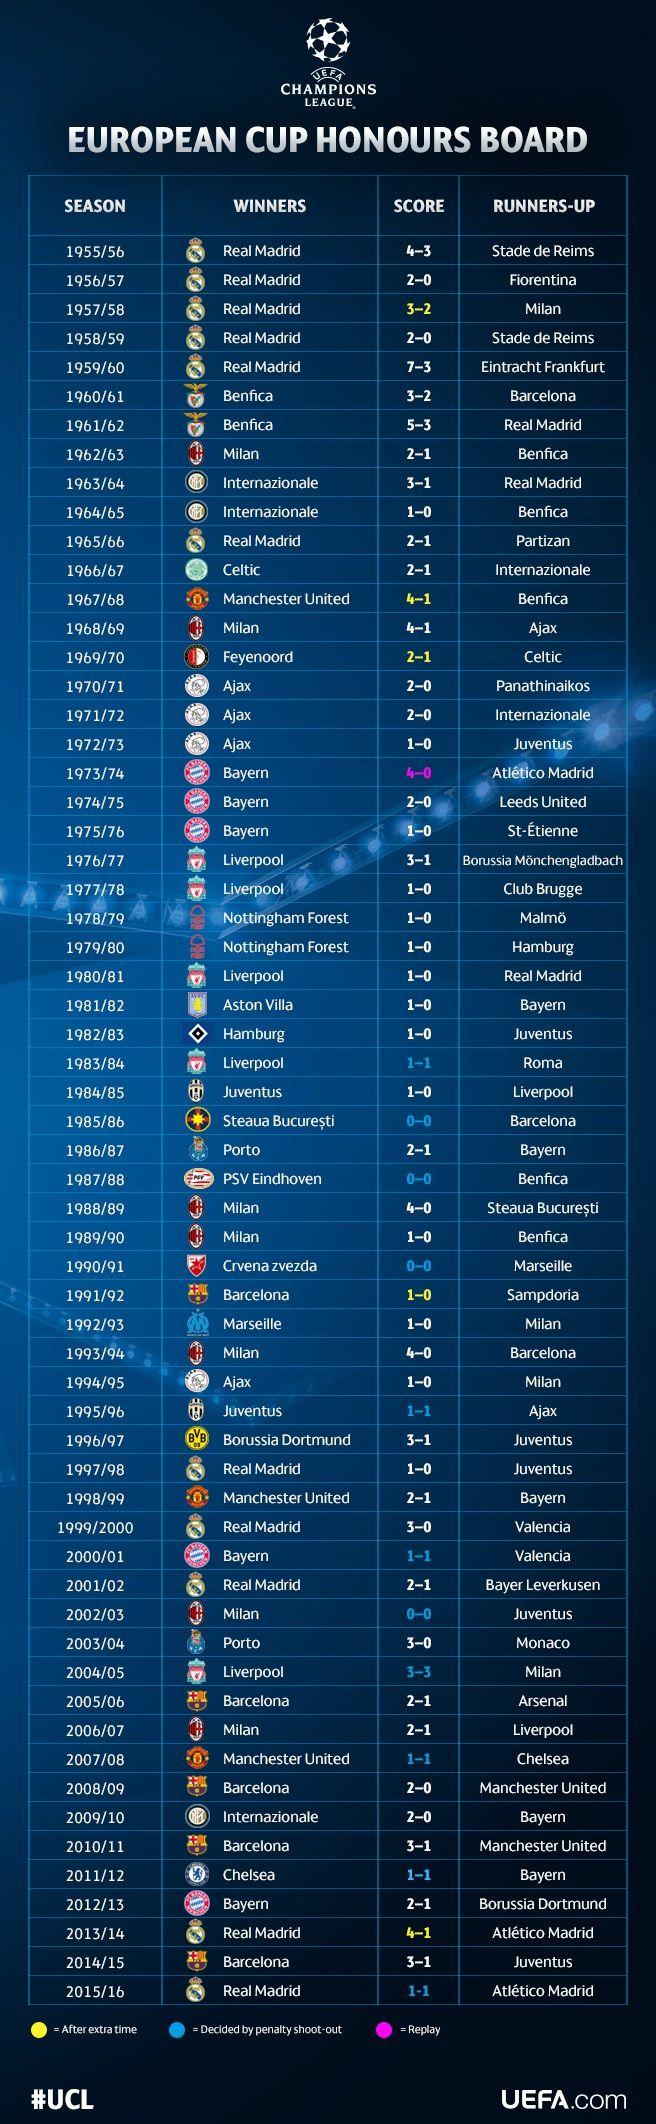 Albo d'Oro Coppa dei Campioni - UEFA Champions League - Notizie - UEFA.com